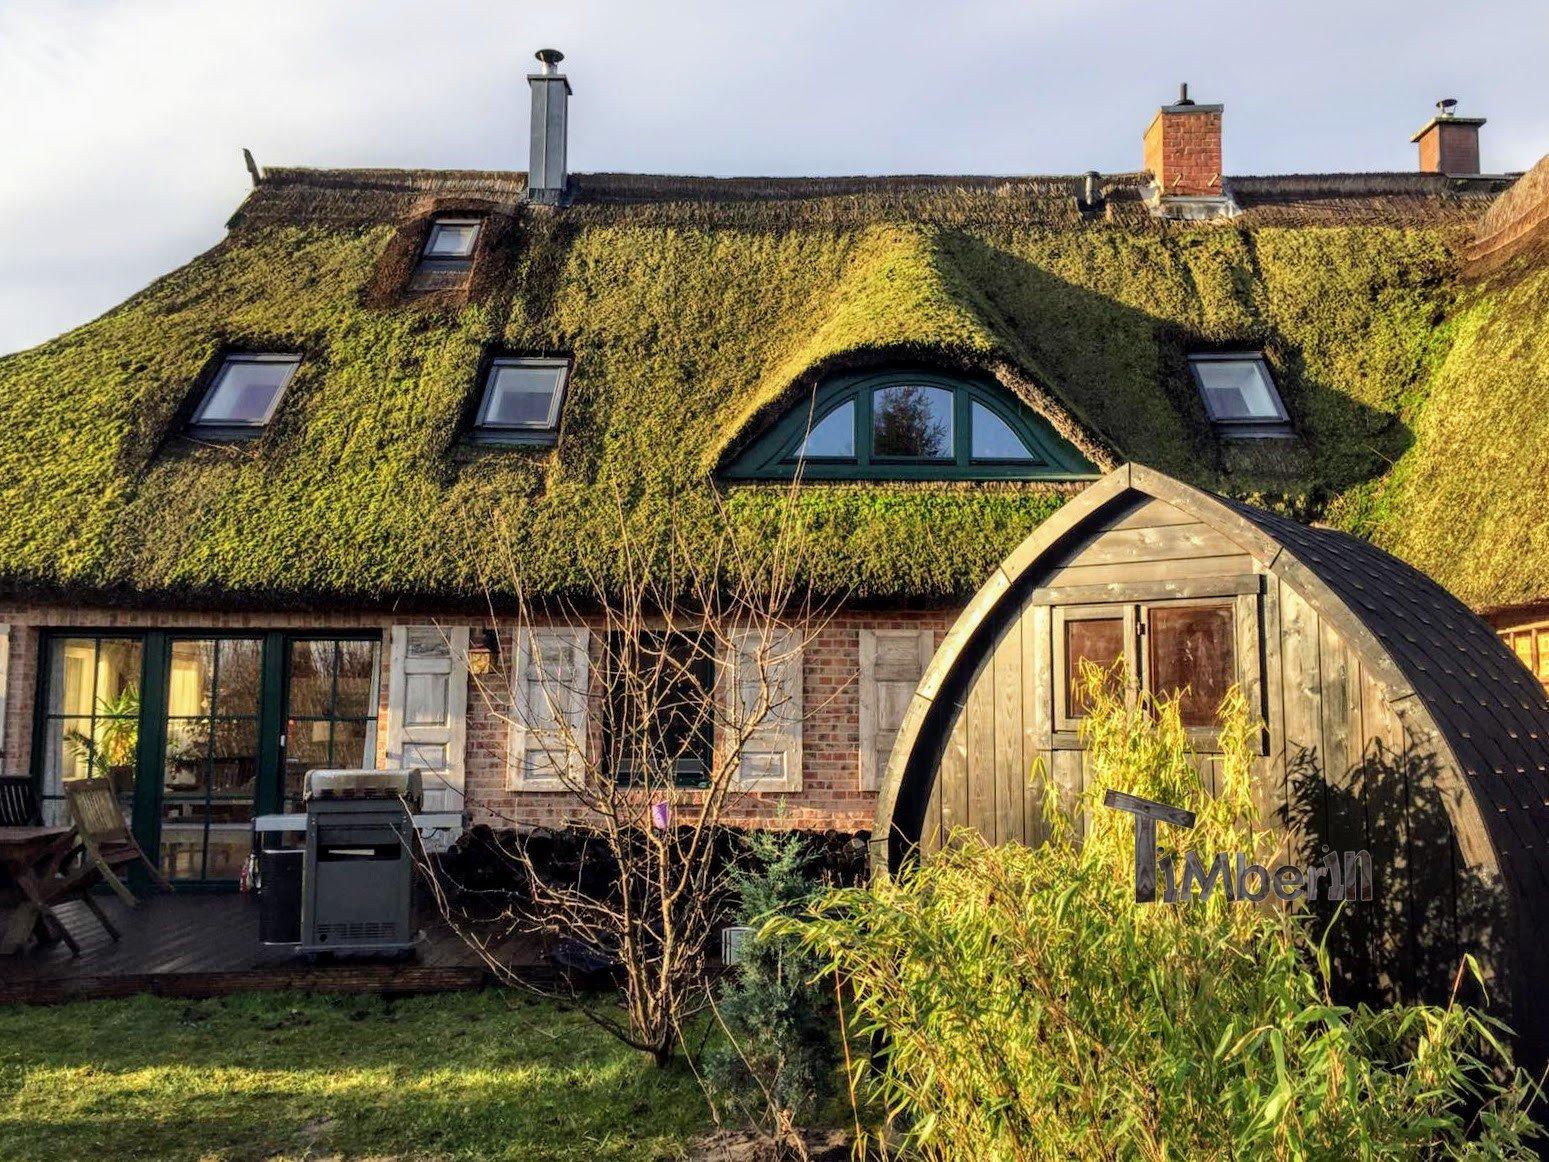 Außensauna-für-Garten-Iglu-Design-Sven-Ribnitz-Damgarten-Deutschland-3 Bewertungen - Erfahrung TimberIN